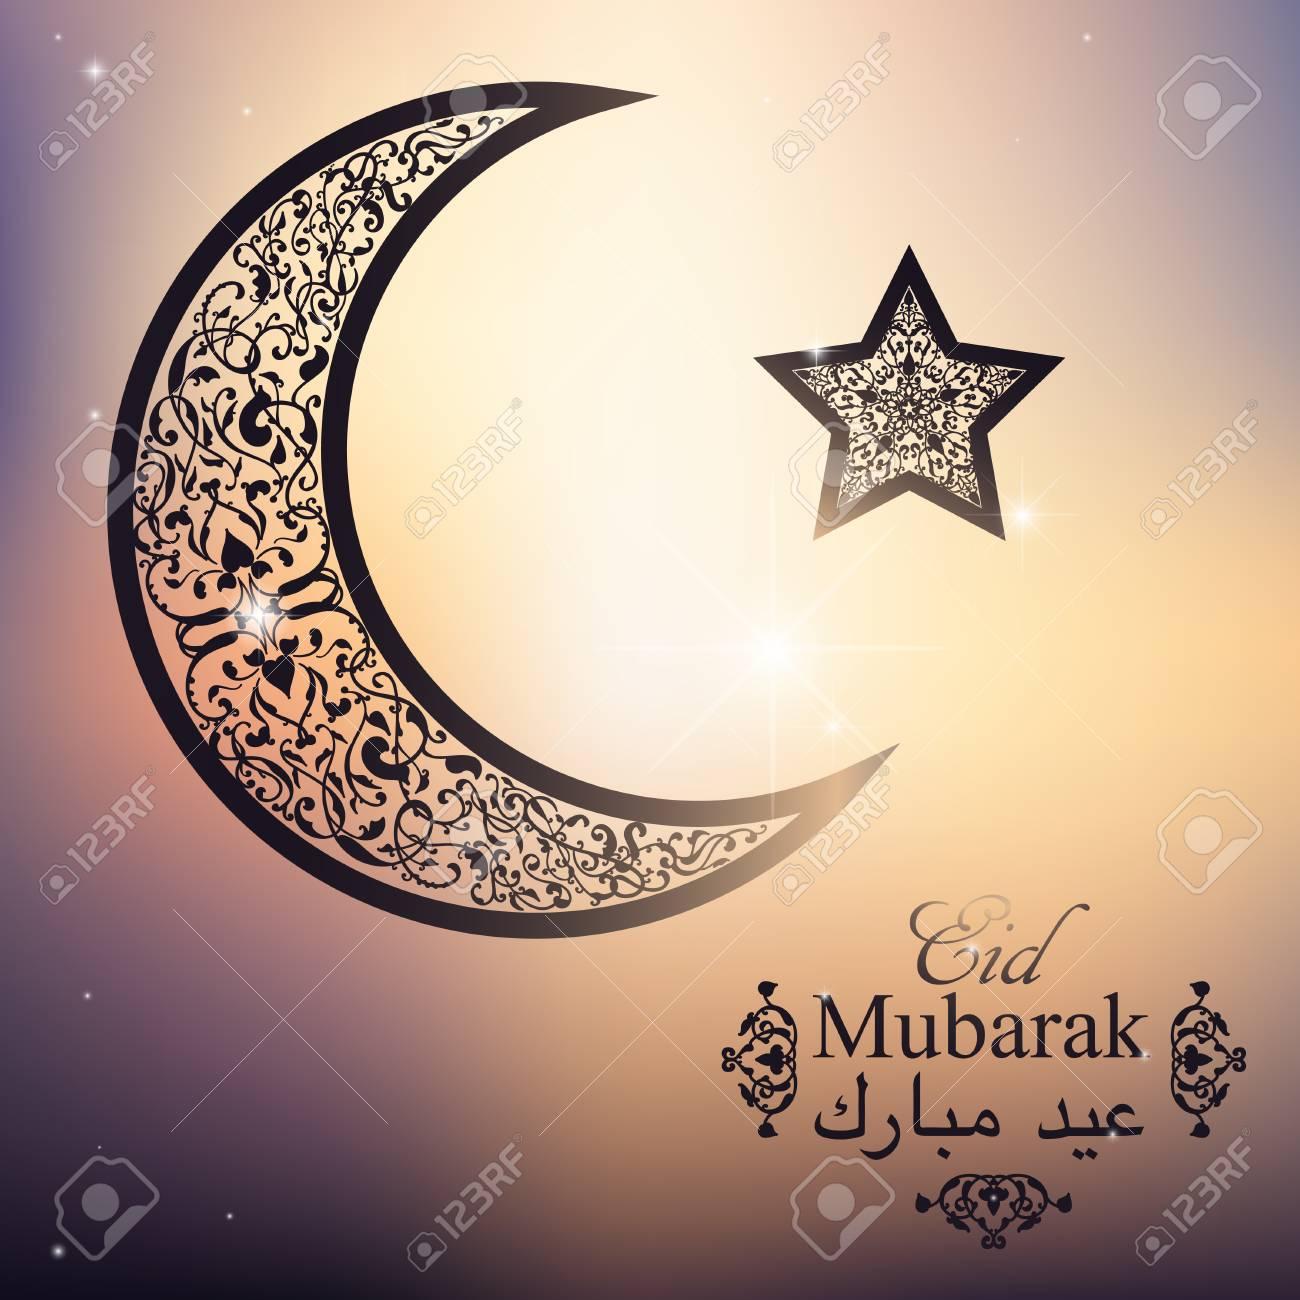 English translate eid mubarak beautiful crescent and star on english translate eid mubarak beautiful crescent and star on blurred background islamic celebration greeting m4hsunfo